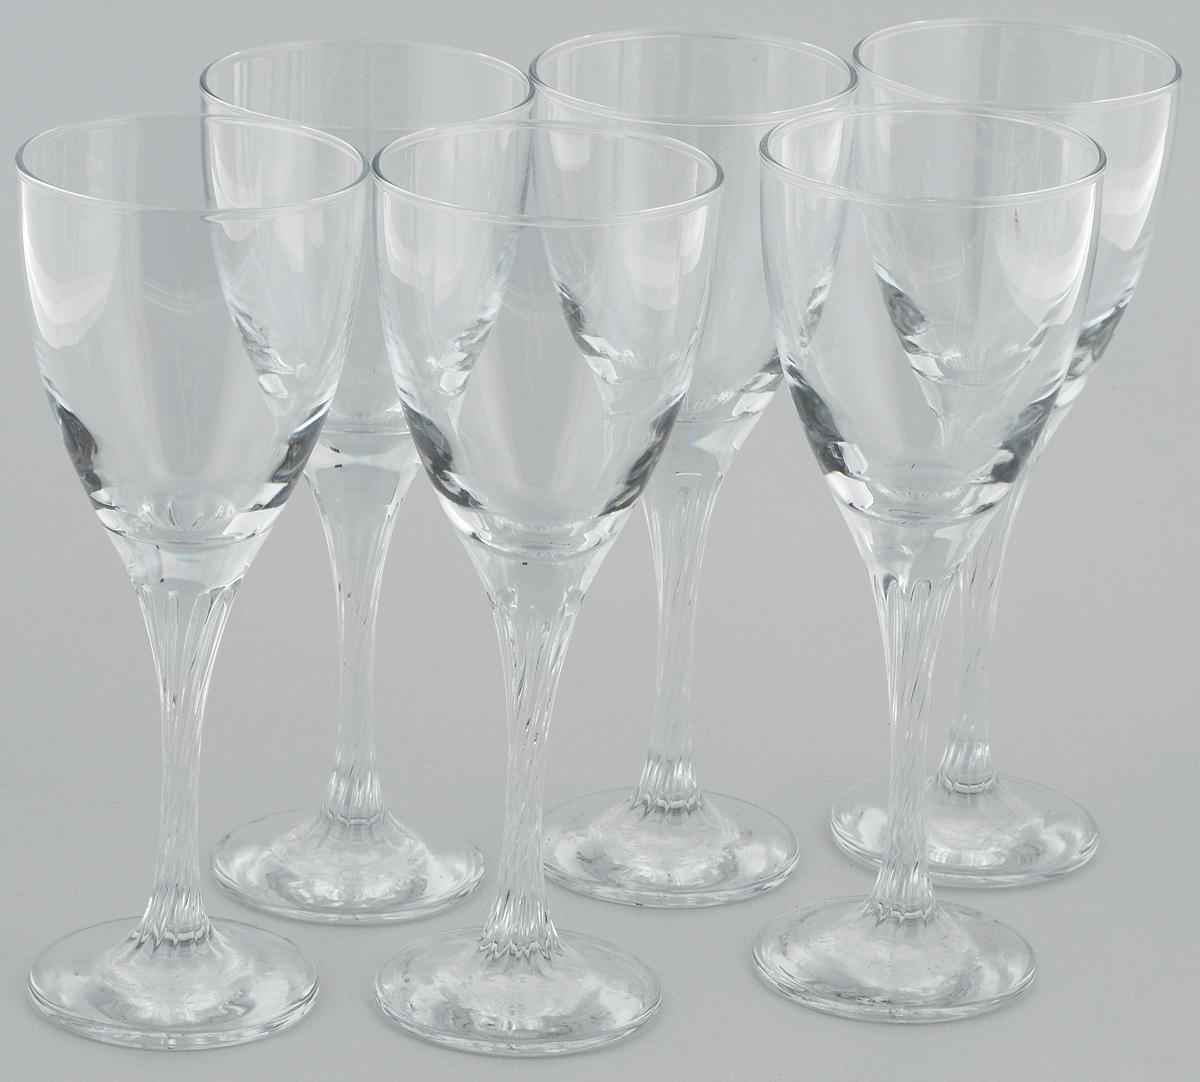 Набор бокалов для вина Pasabahce Twist, 205 мл, 6 шт44372BНабор Pasabahce Twist состоит из шести бокалов, выполненных из прочногонатрий-кальций-силикатного стекла. Изделия оснащенывысокими ножками и предназначены для подачи вина. Онисочетают в себе элегантный дизайн и функциональность.Набор бокалов Pasabahce Twist прекрасно оформит праздничный стол исоздастприятную атмосферу за романтическим ужином. Такой набор также станетхорошим подарком к любому случаю.